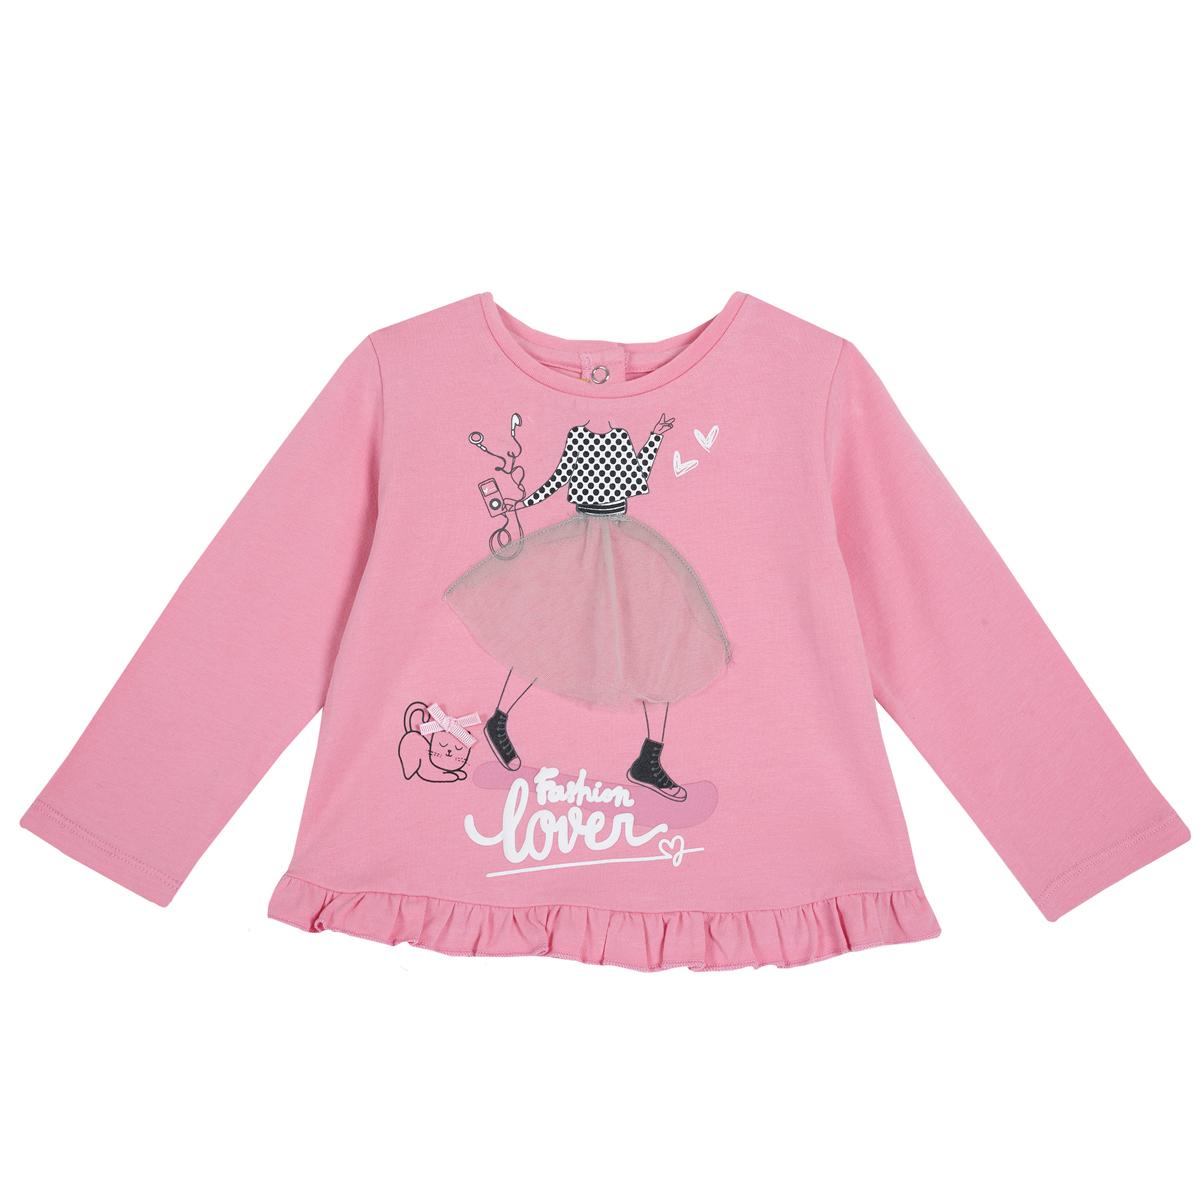 Tricou maneca lunga Chicco, imprimeu decorativ, roz, 06748 din categoria Bluze copii